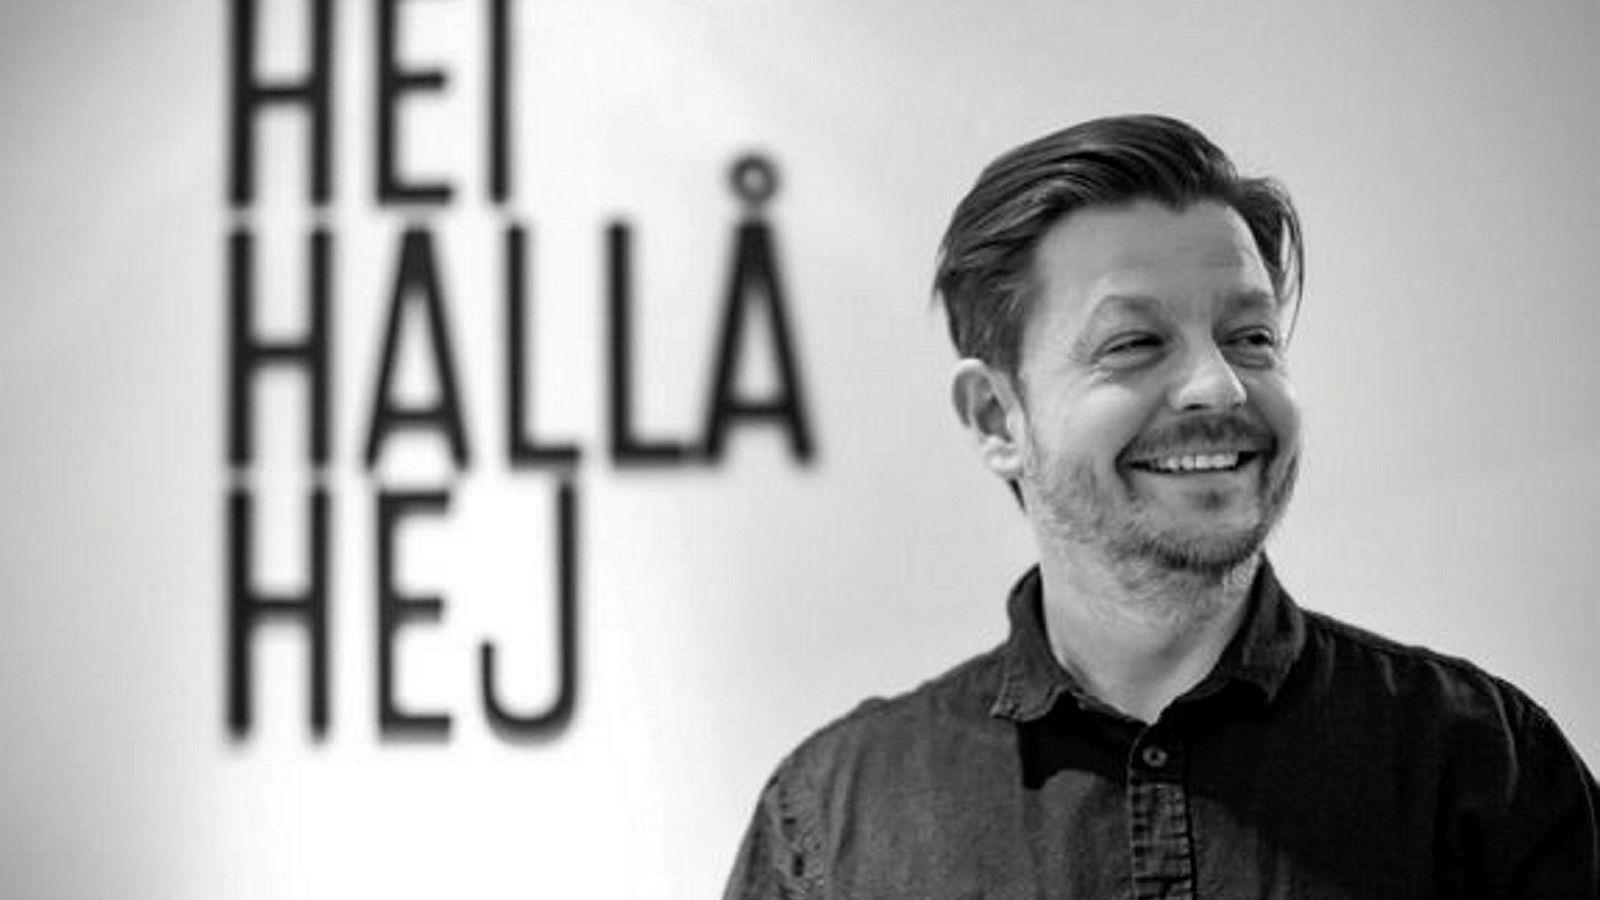 Ole Henrik Stubberud startet i Geelmuyden Kiese i august 2017. Nå blir han kreativ leder. GK.